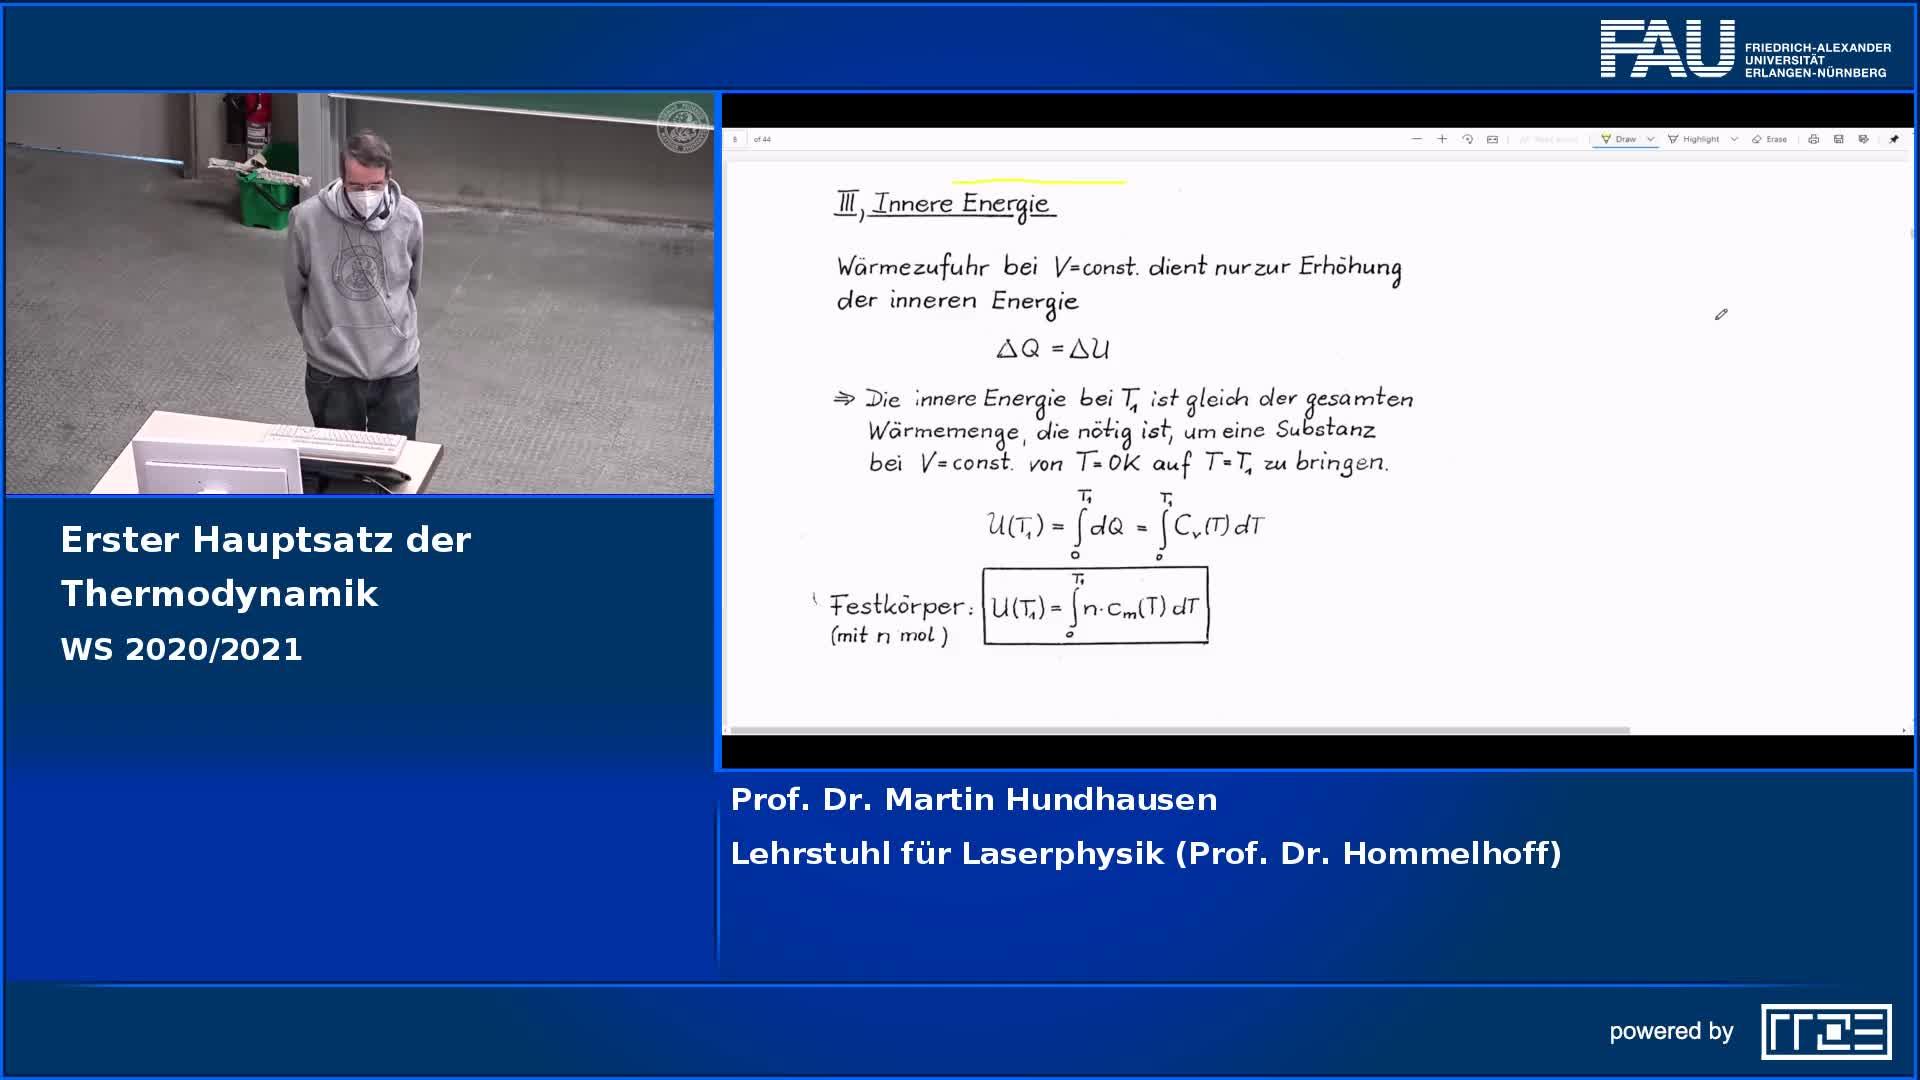 Erster Hauptsatz der Thermodynamik preview image